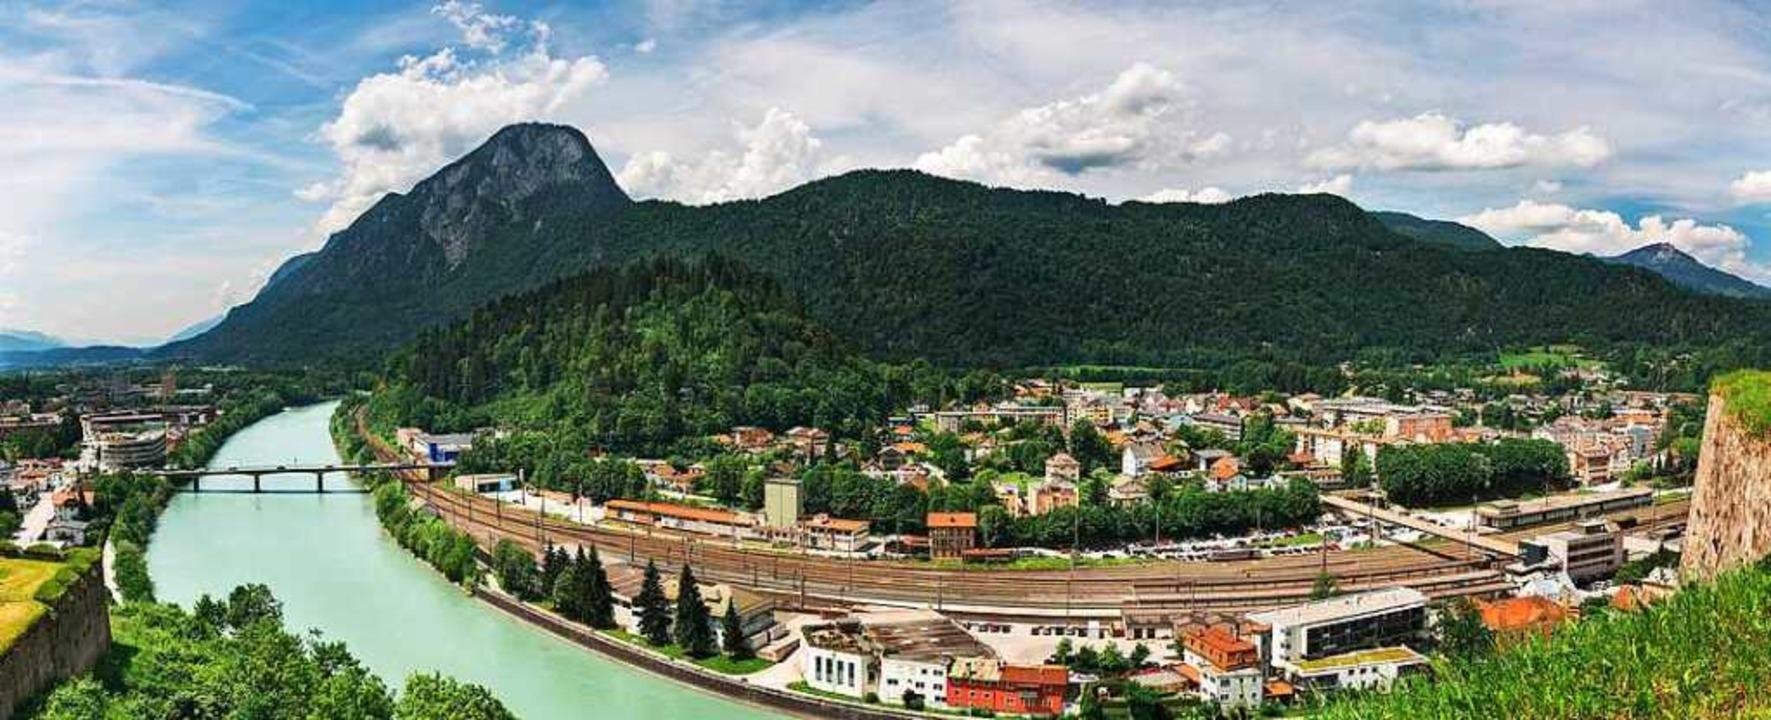 Rund 19 000 Einwohner leben in der Tiroler Stadt Kufstein.  | Foto: Oleg Lopatkin/Fotolia.com